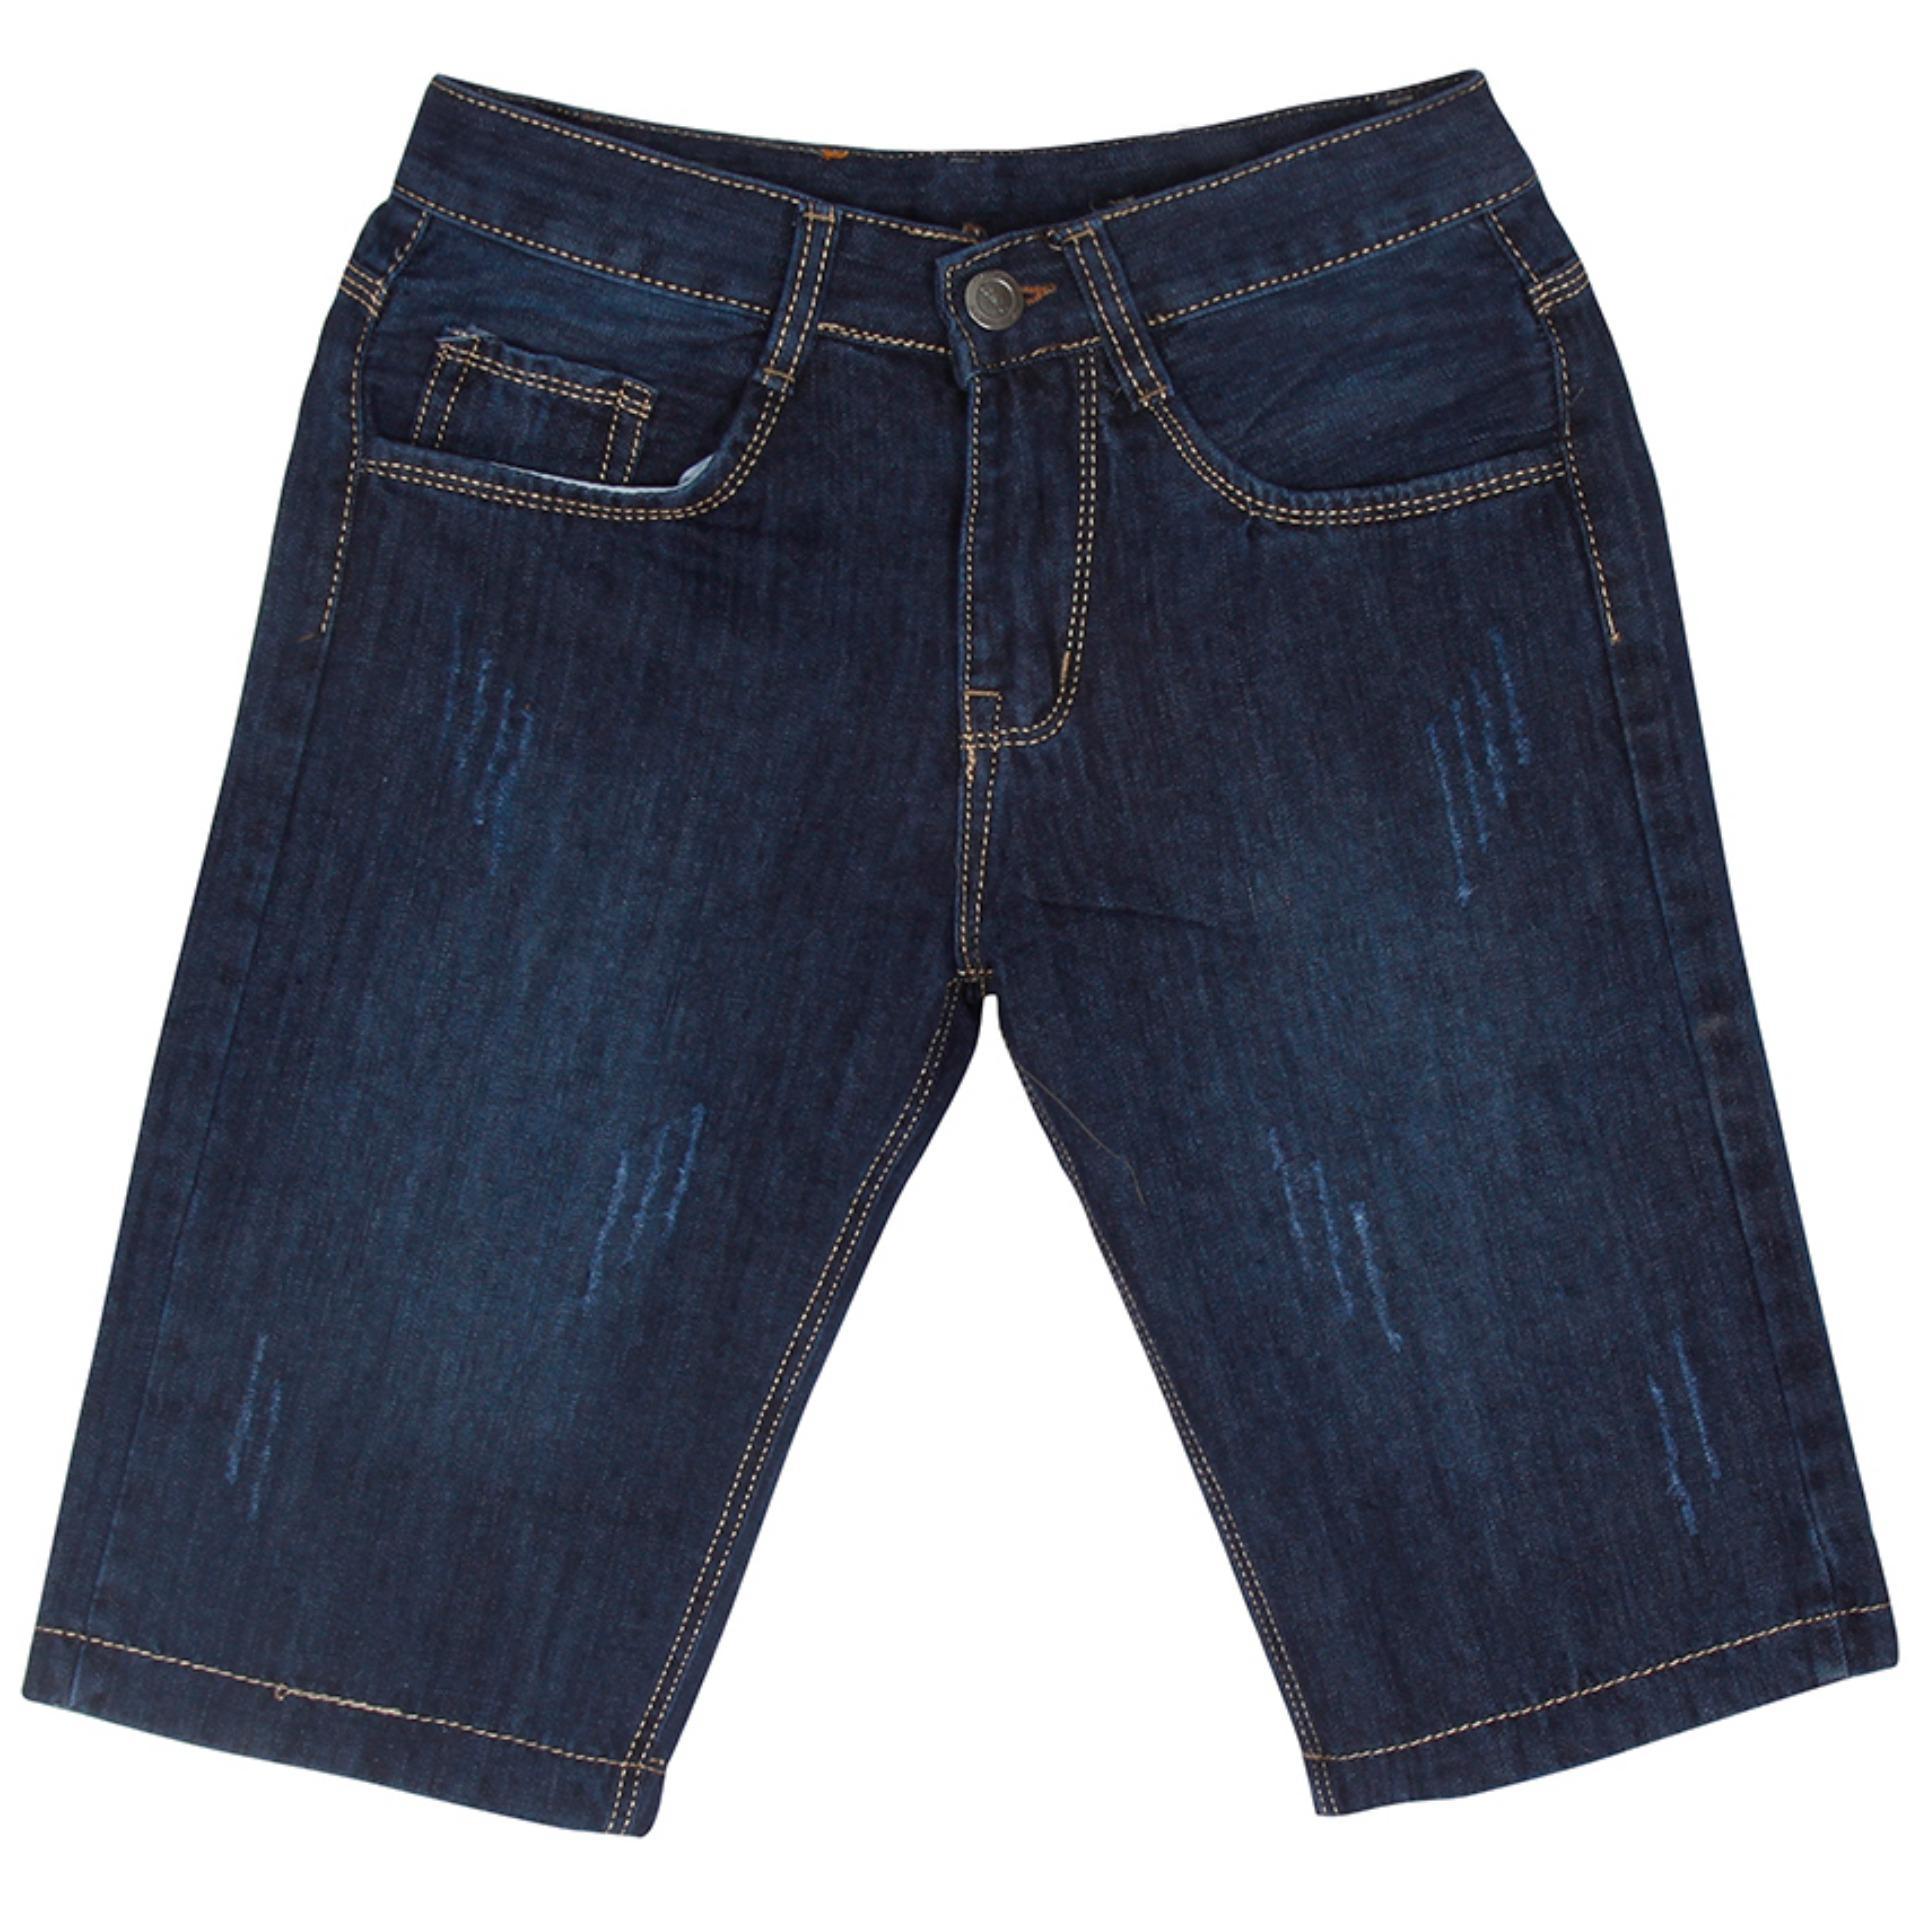 Quần Shorts Jeans Xước Nhẹ Nam Thời Trang Nam Phong MEN SHORTS 034V1